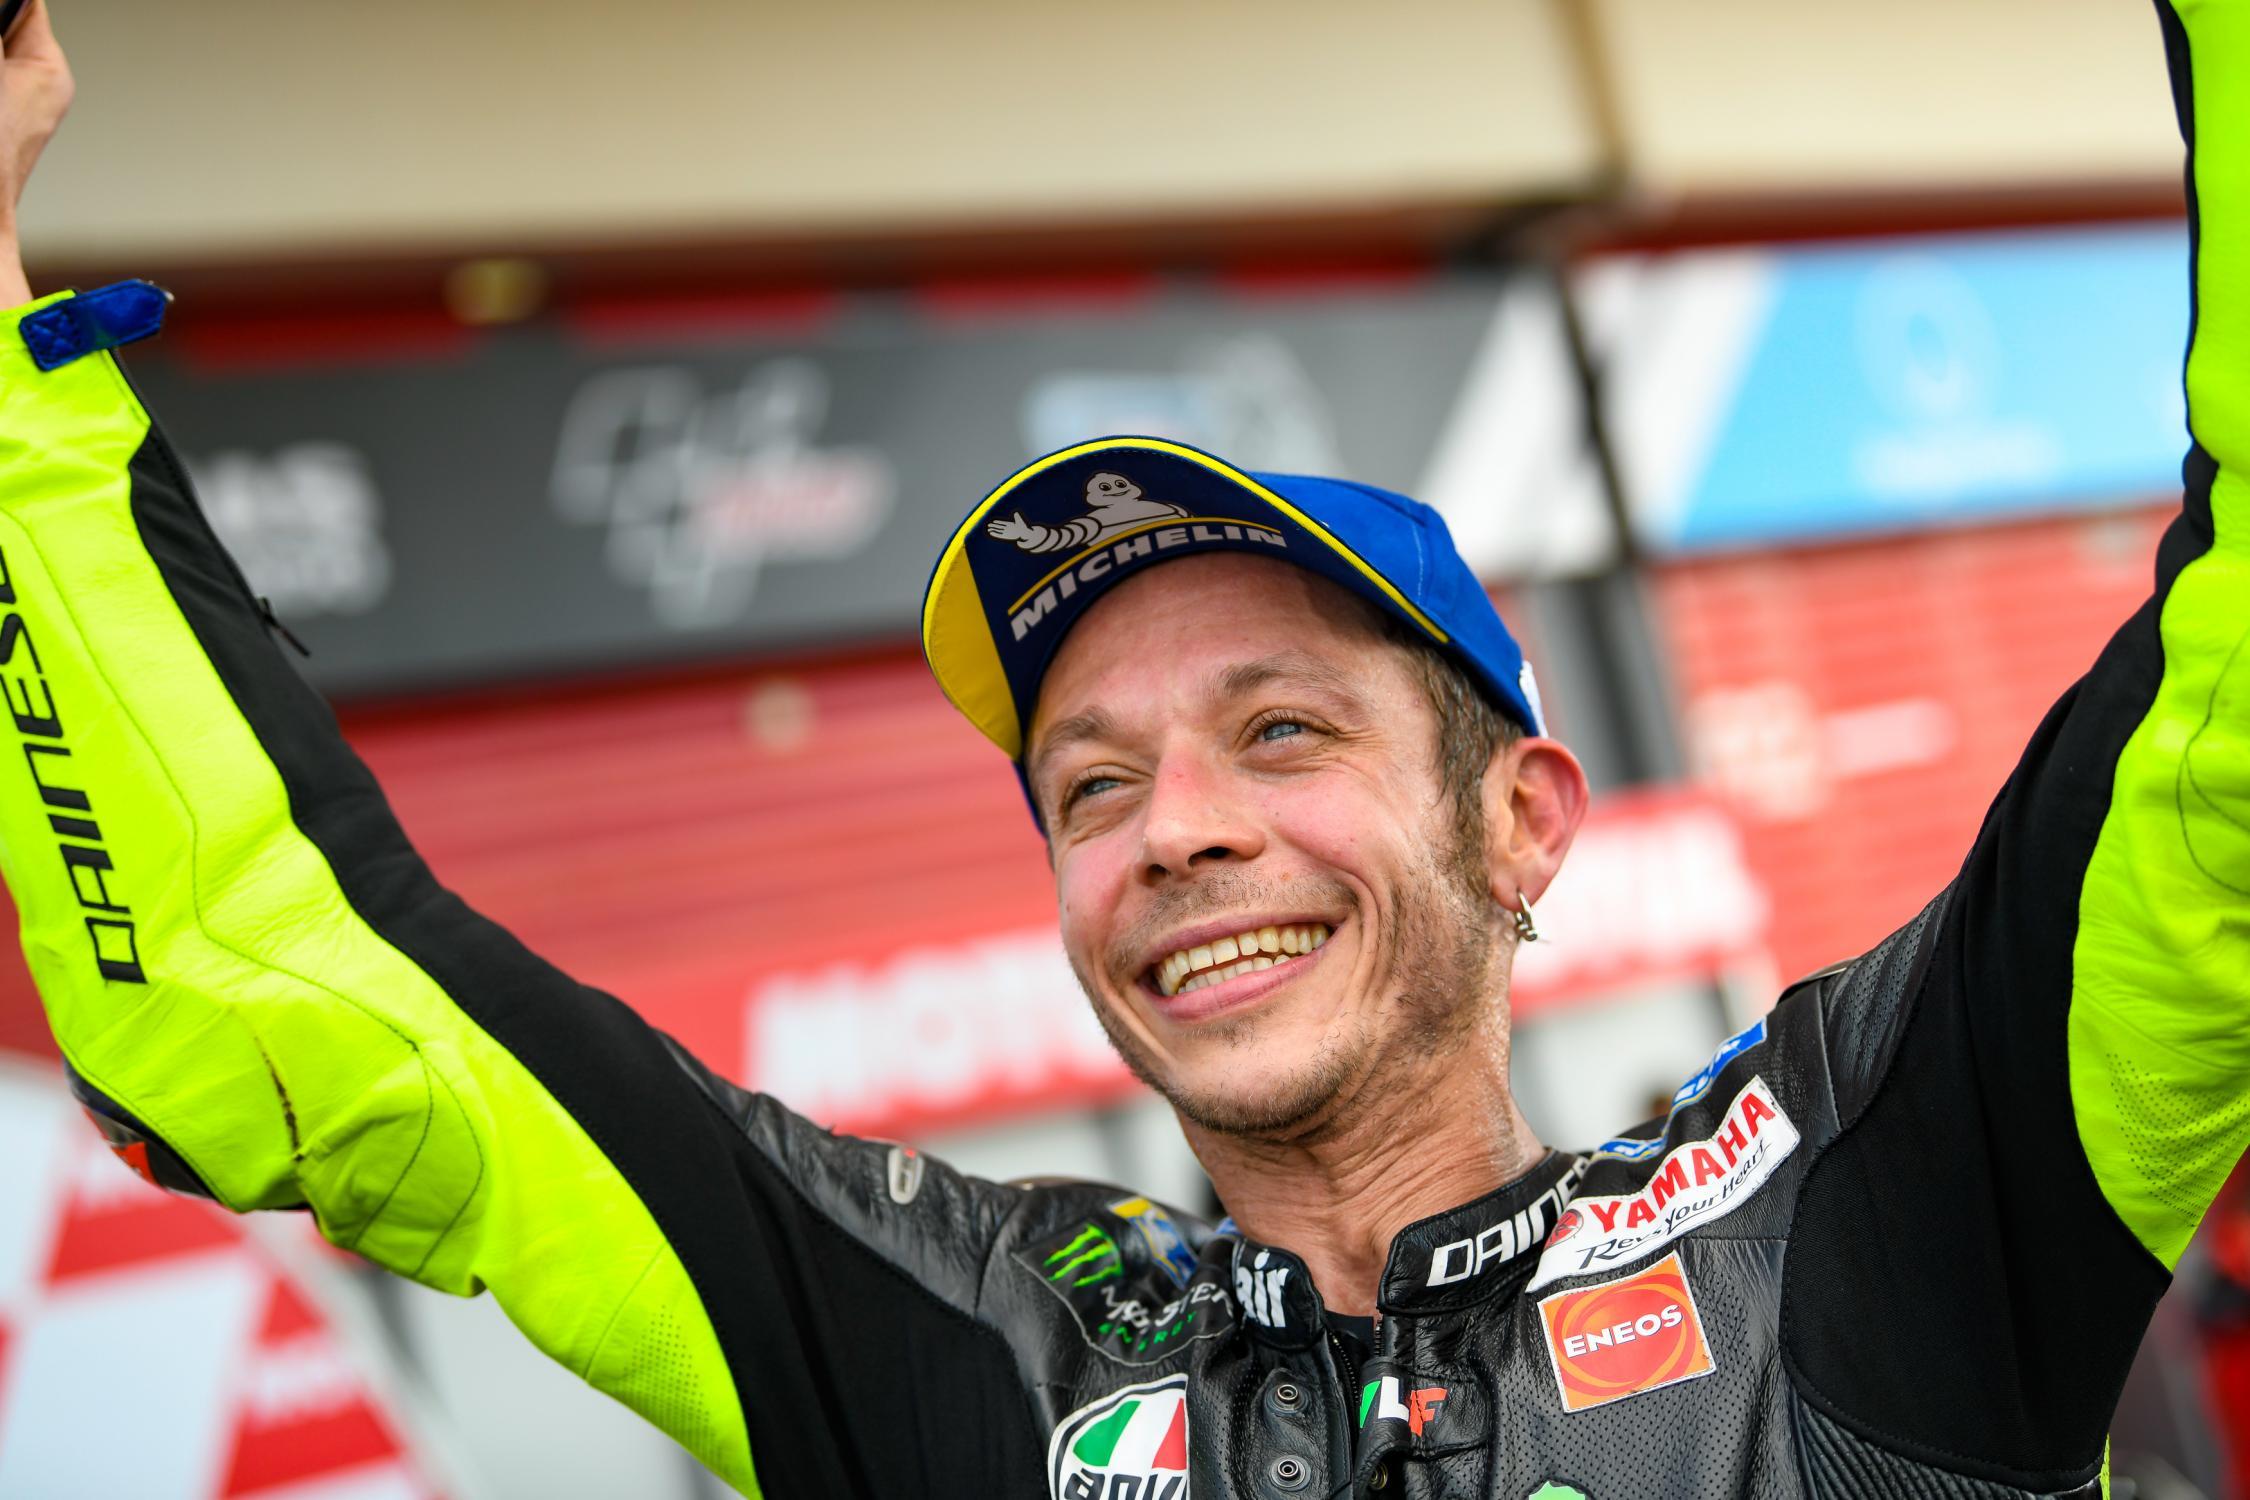 MOTO GP -GRAND PRIX DE FRANCE DU 17 AU 19 MAI 2019 Valentino-rossi-podium-argentine-motogp-2019